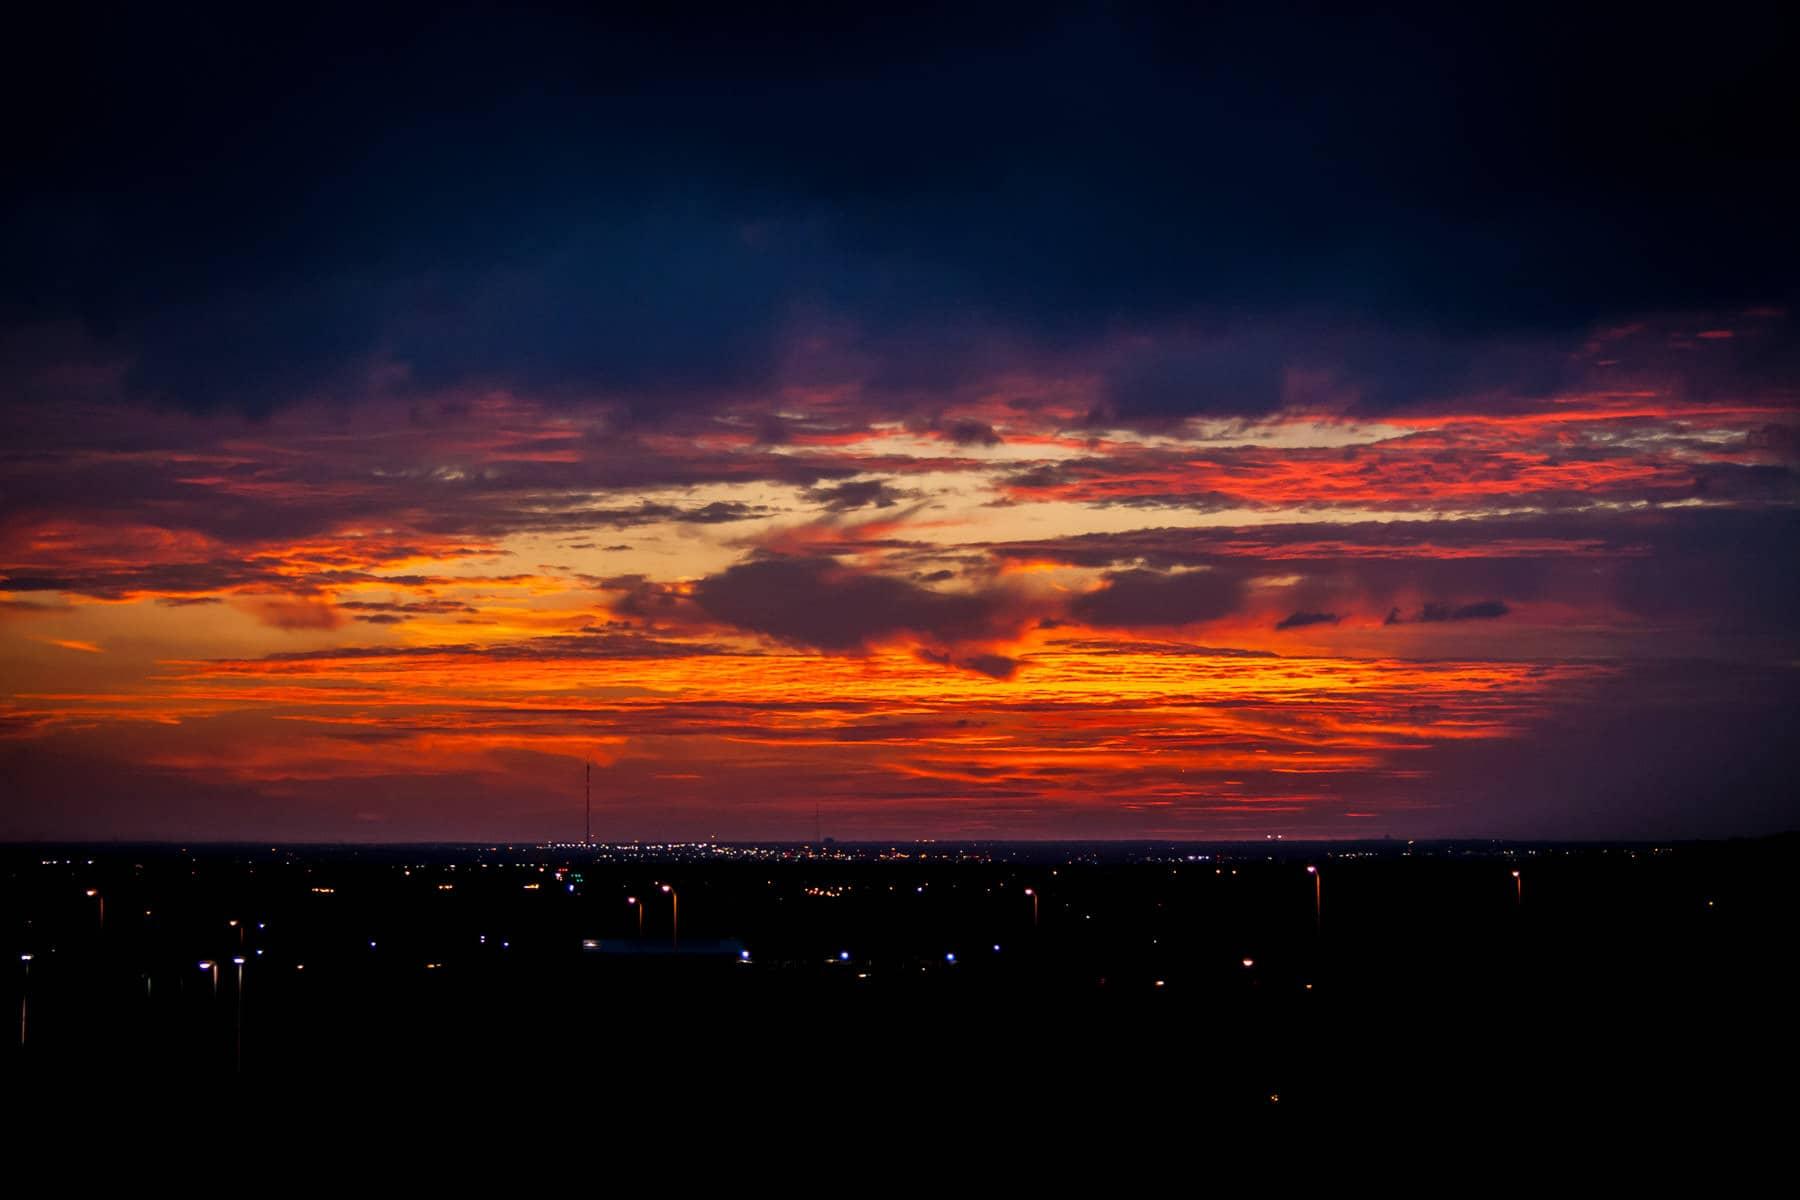 The sun setting over Dallas County, Texas.